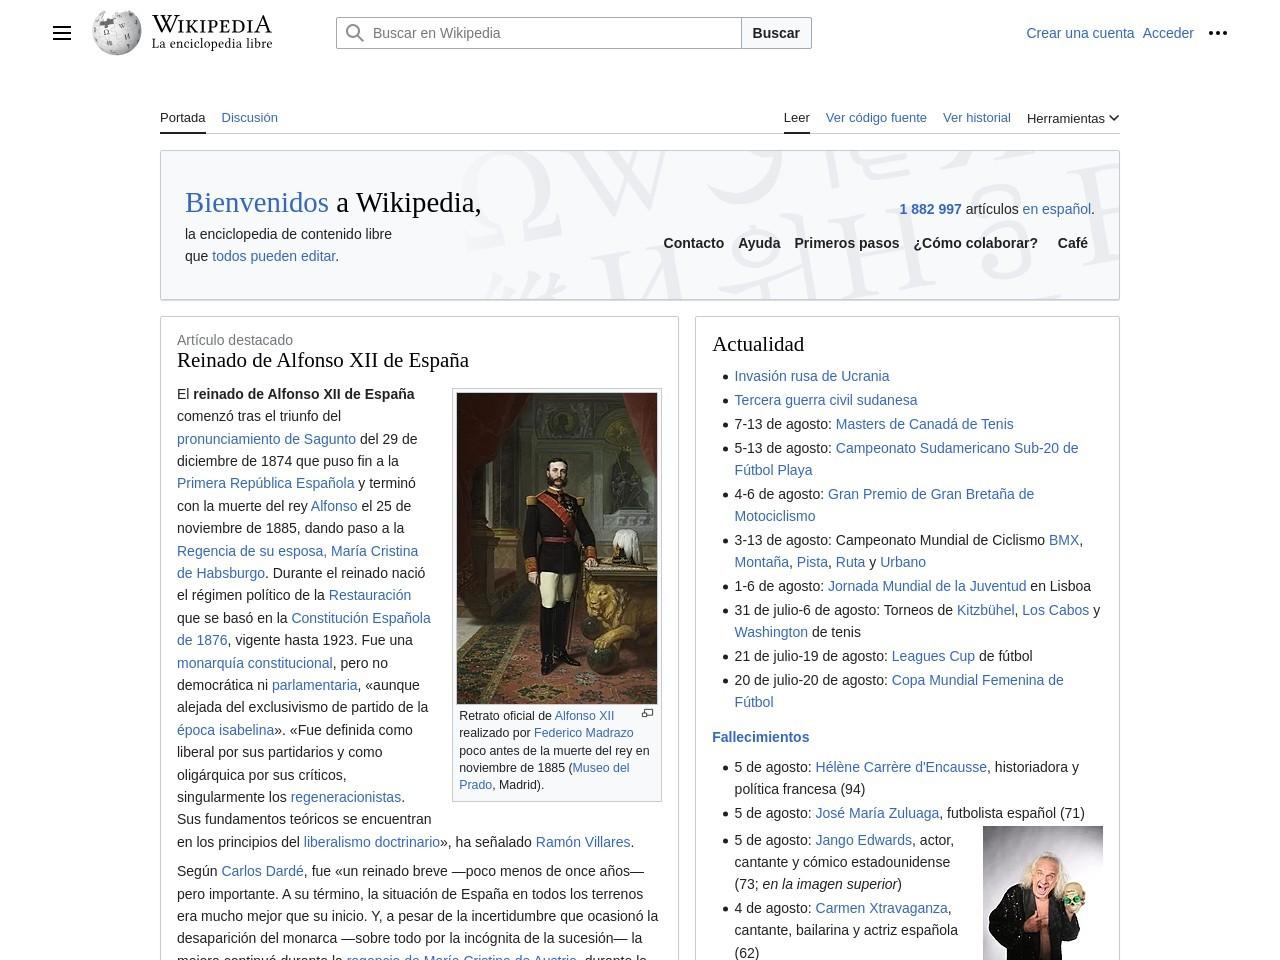 Captura de pantalla de es.wikipedia.org